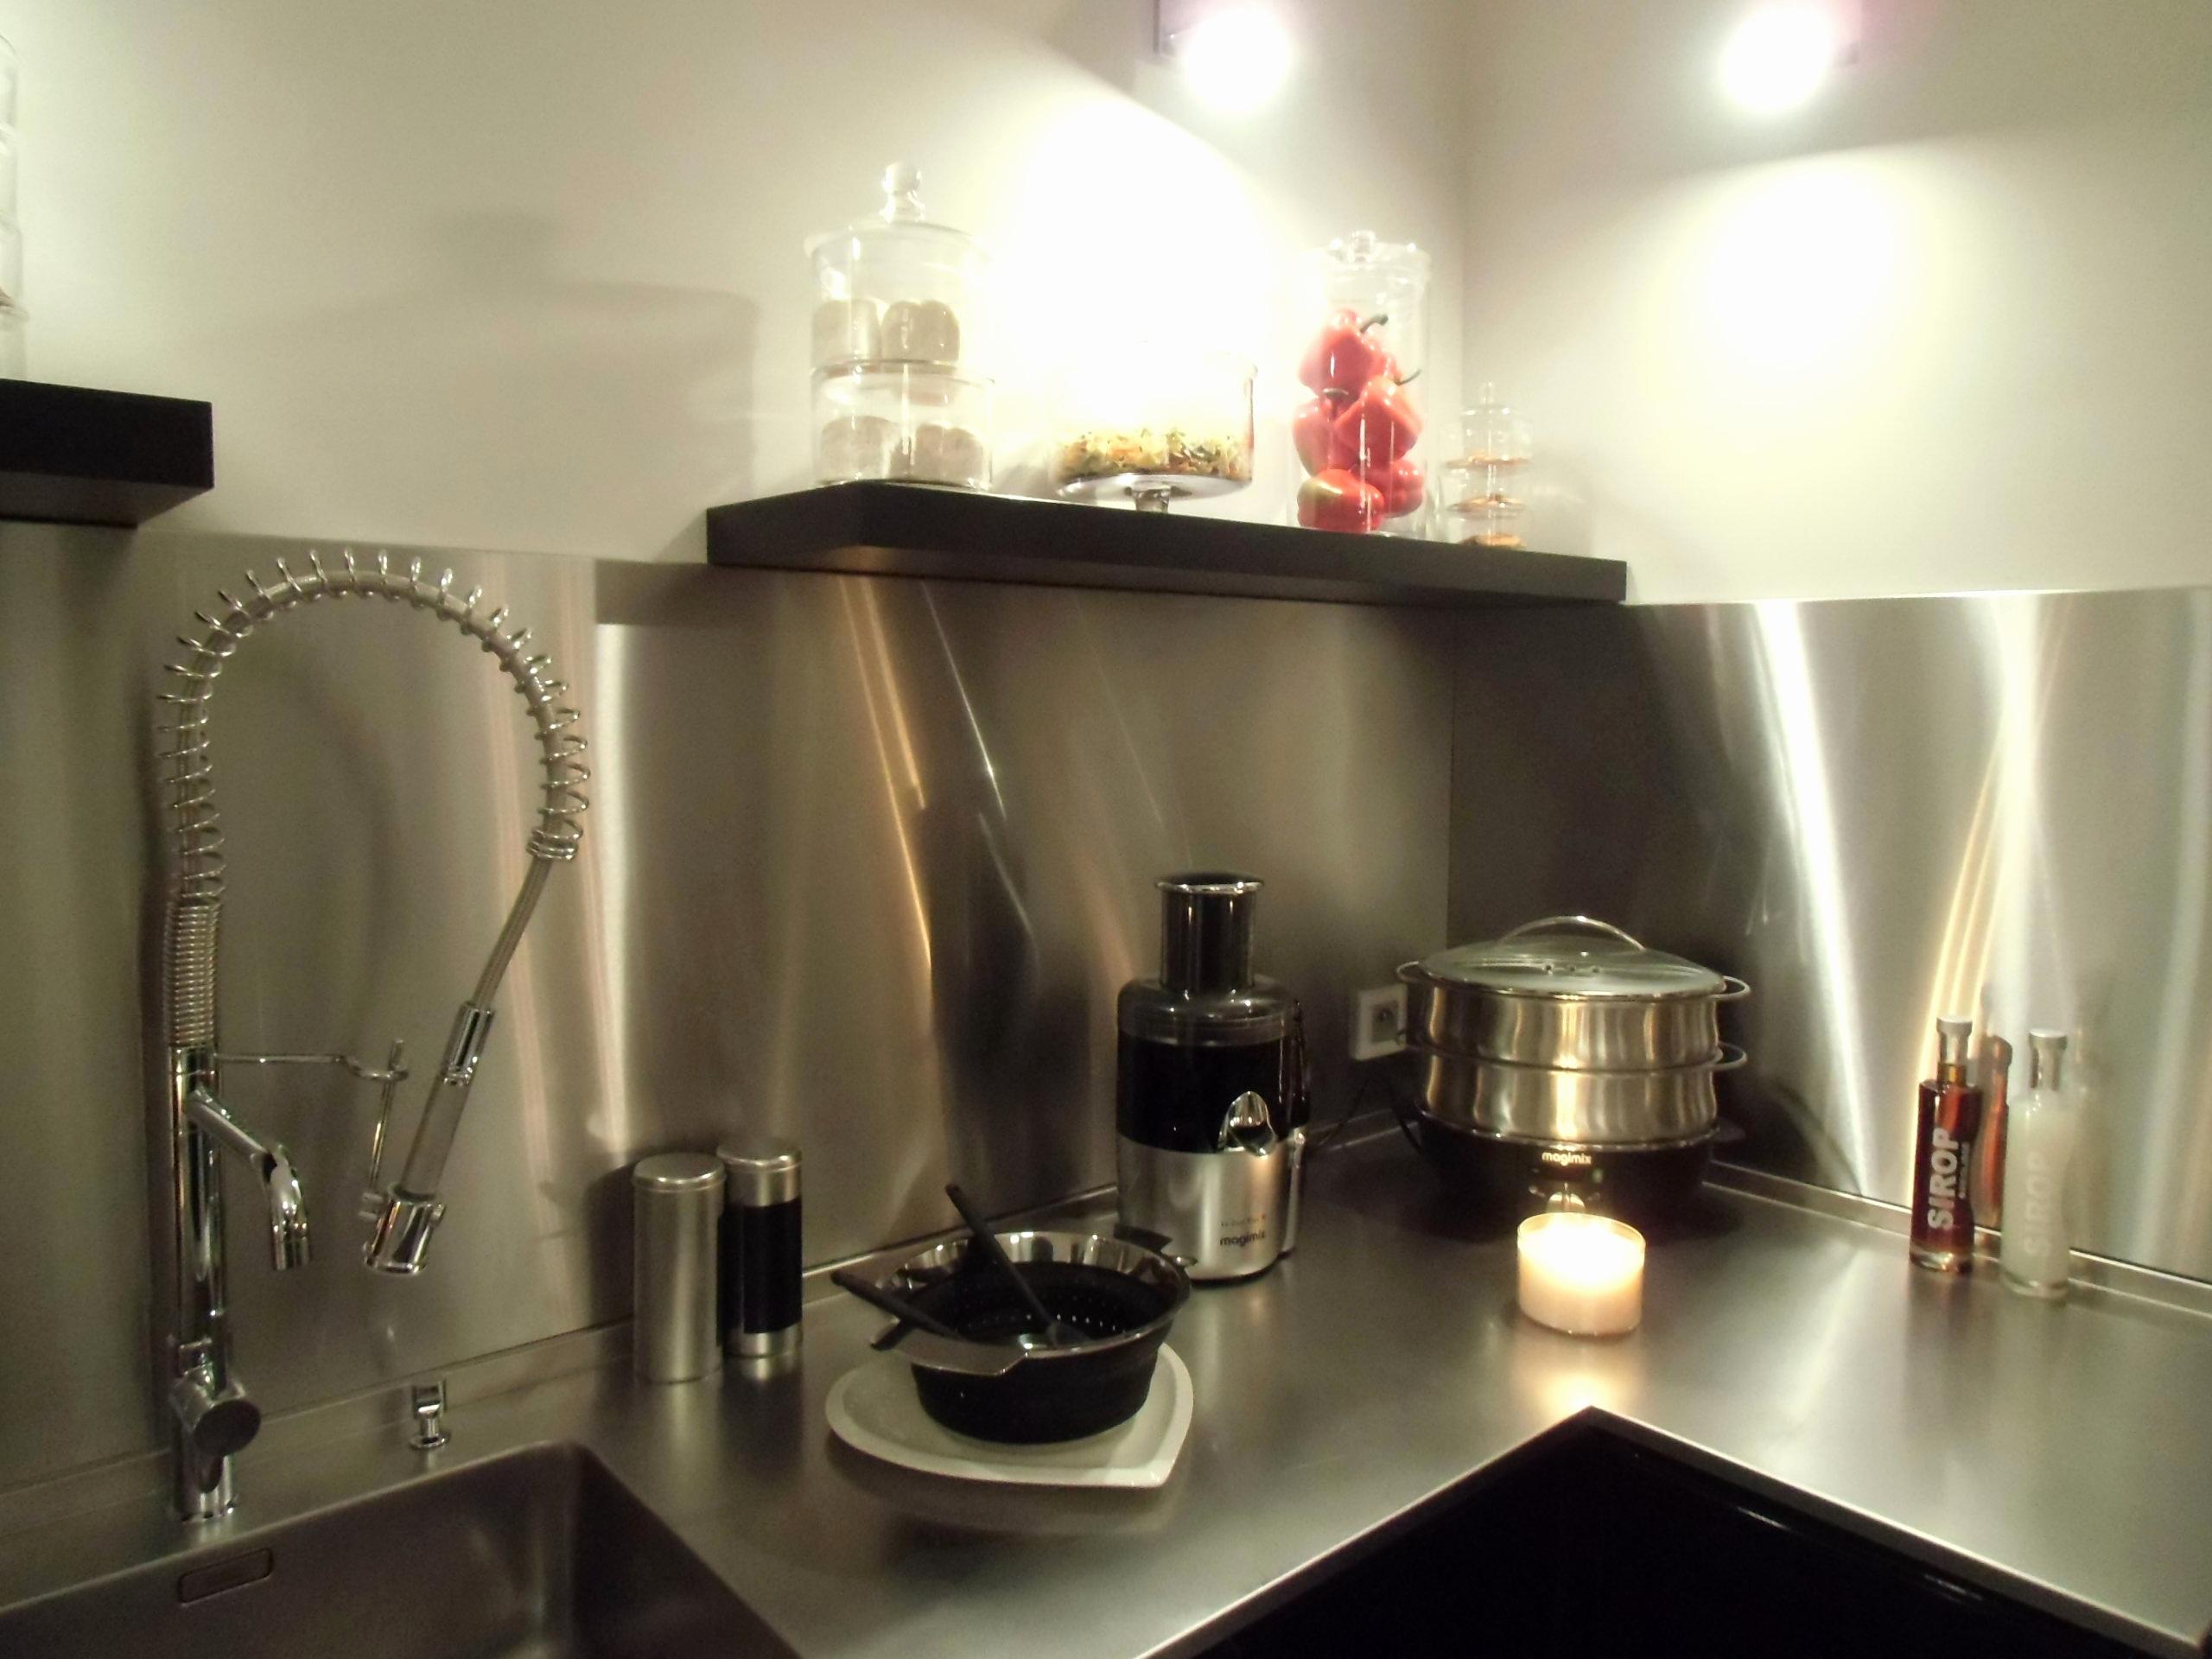 Fond De Hotte Castorama Beau Photos Castorama Credence Inox Beau Credence Inox Cuisine Frais Fond De